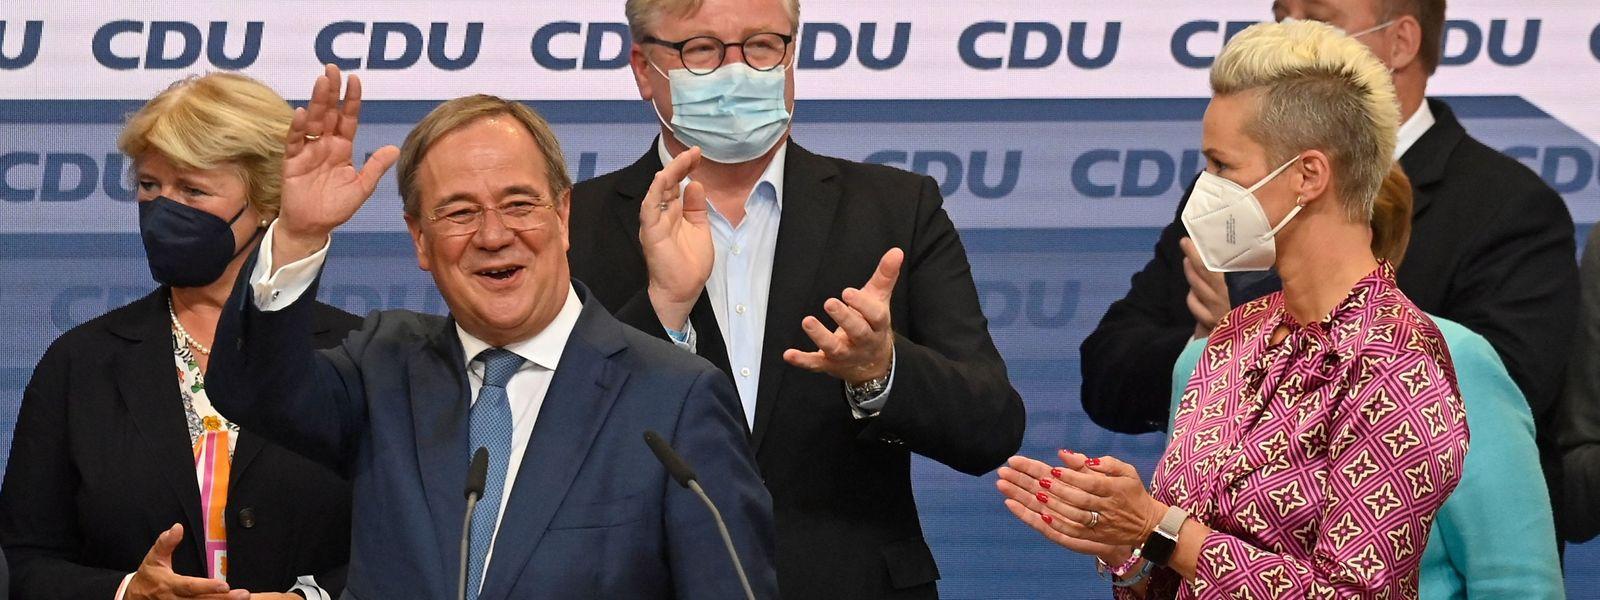 Sourire de façade pour Armin Laschet qui n'a pas réussi à imposer les idées CDU-CSU dans les urnes.